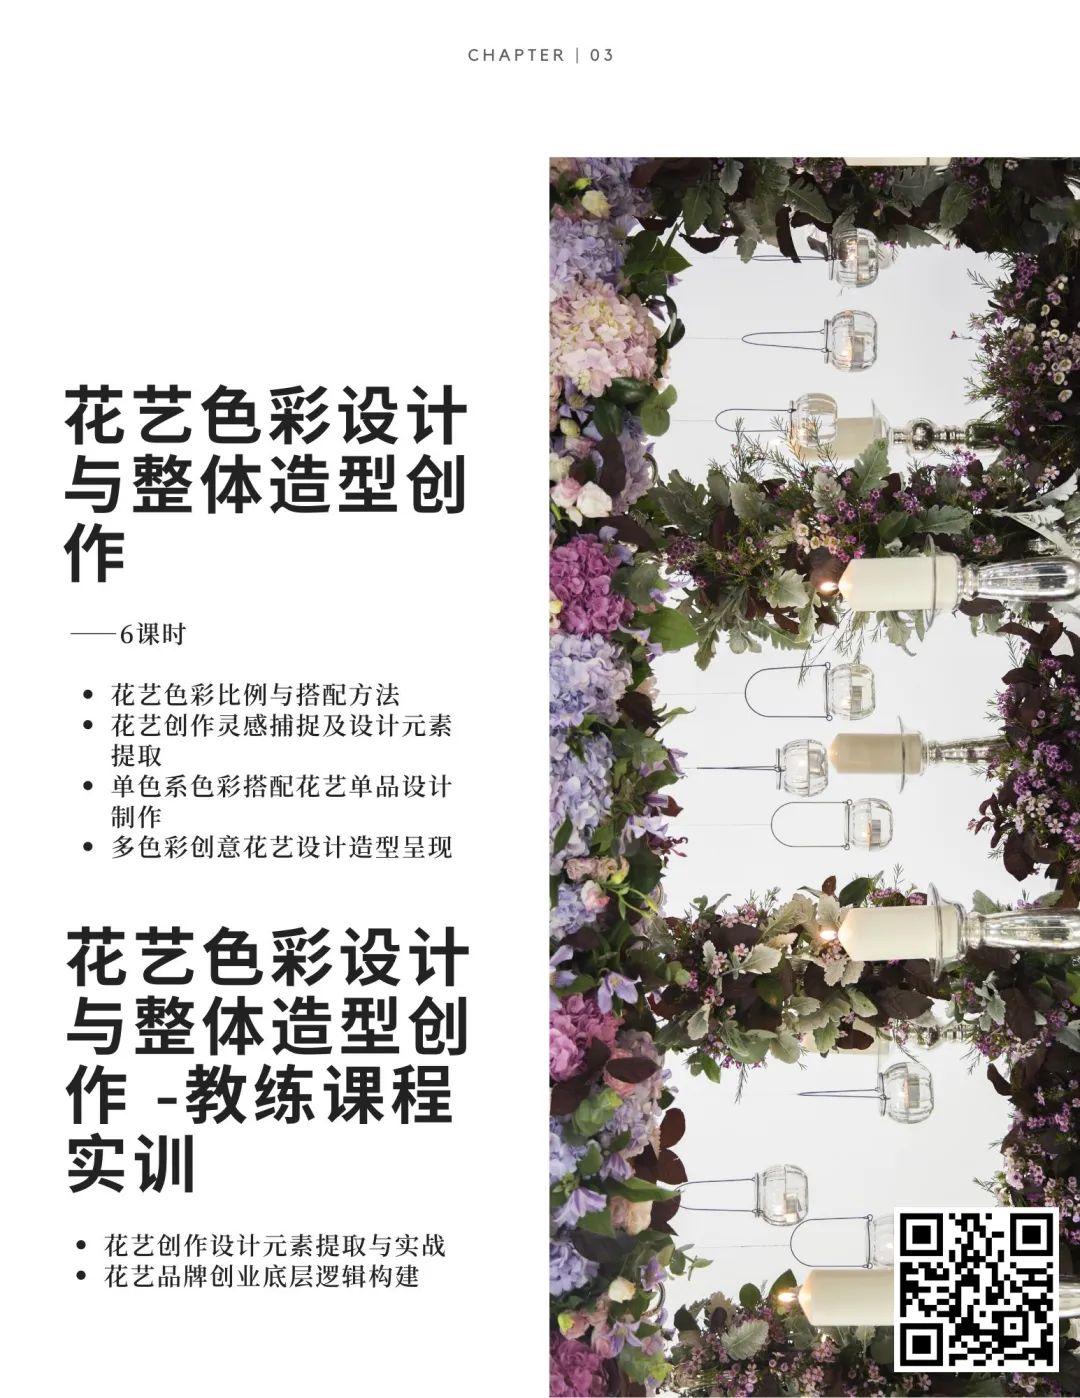 花艺,绿植,软装花艺,空间软装,空间花艺设计,软装搭配,软装花艺绿植,软装设计